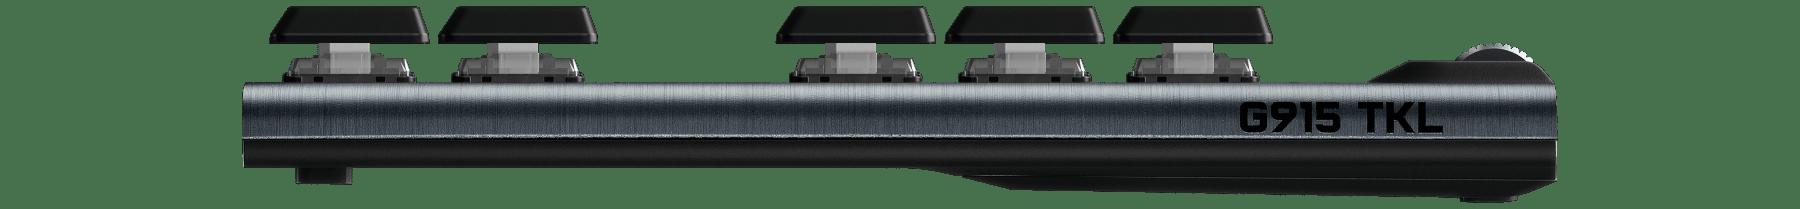 G915 | Matériaux premium